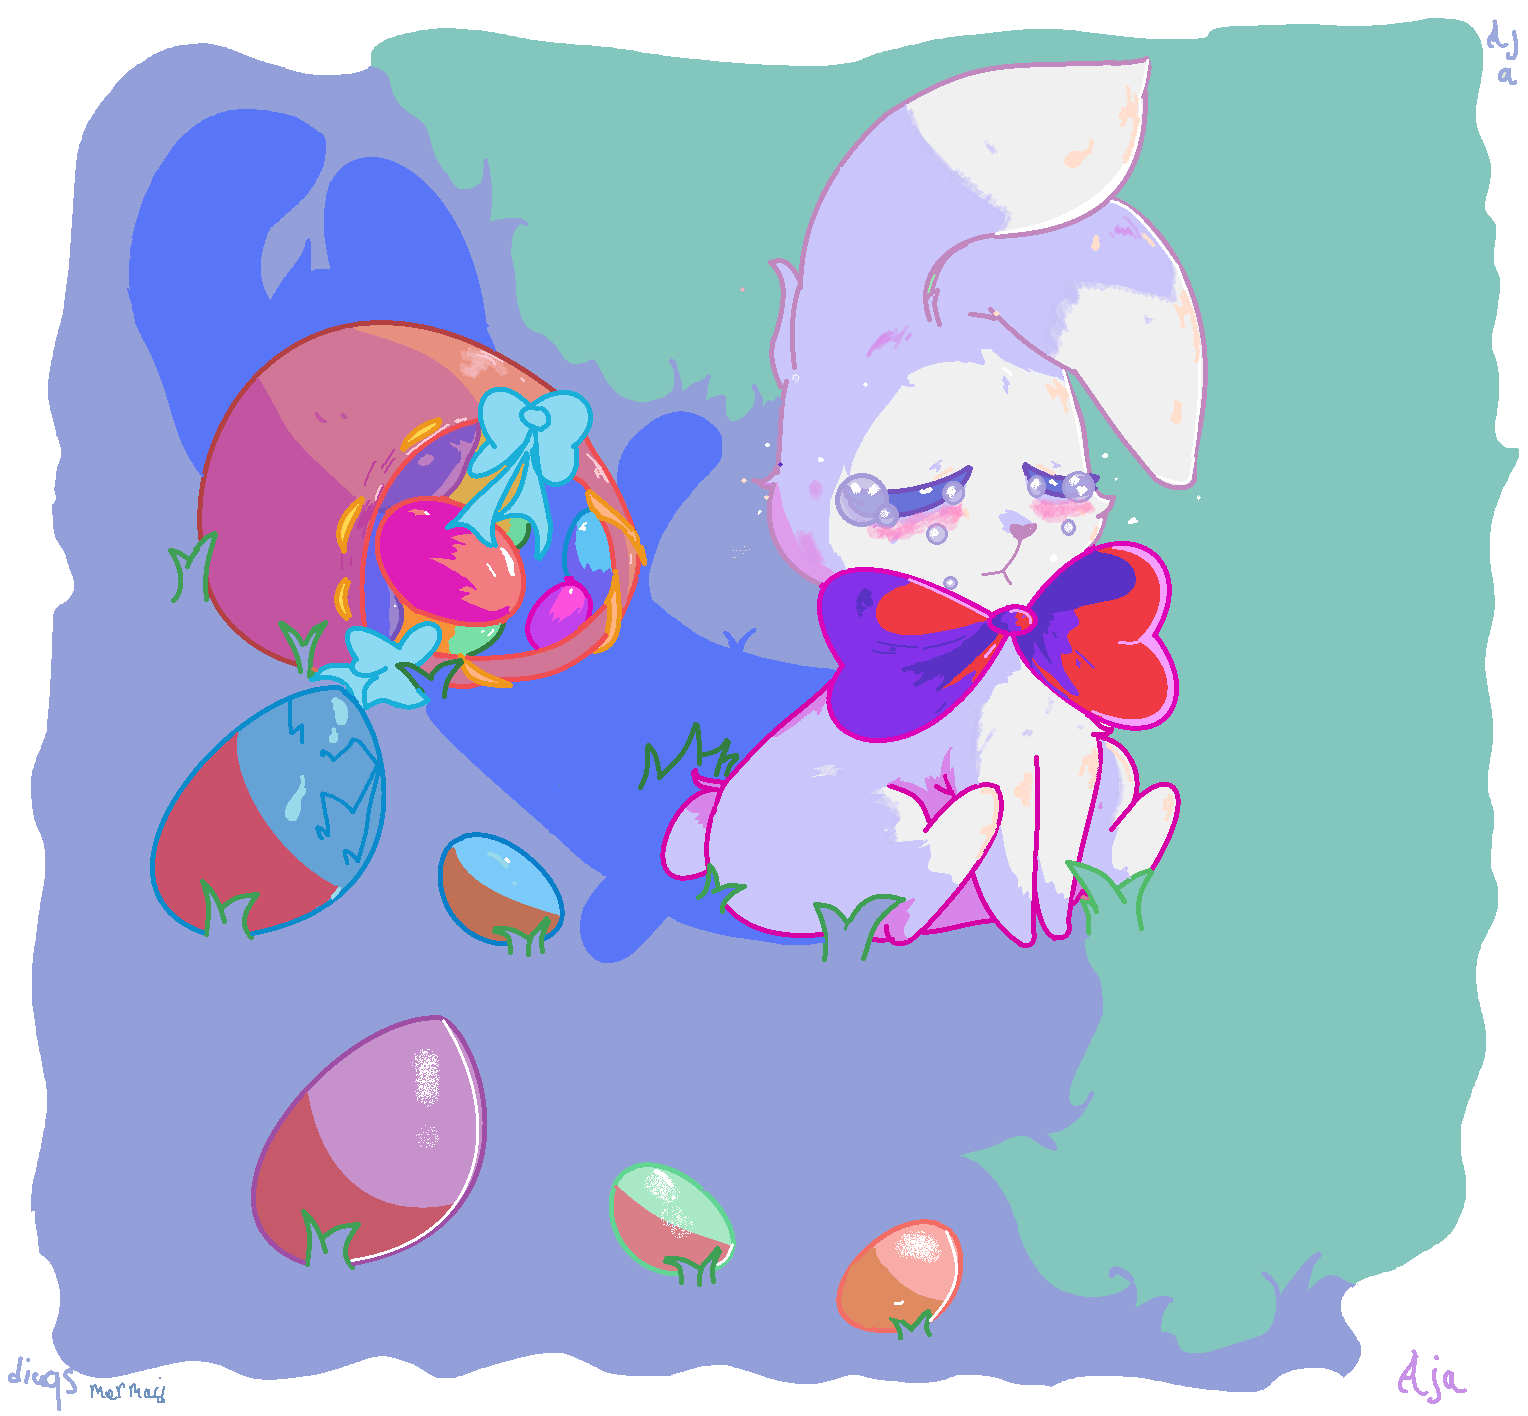 Cry little bunny.